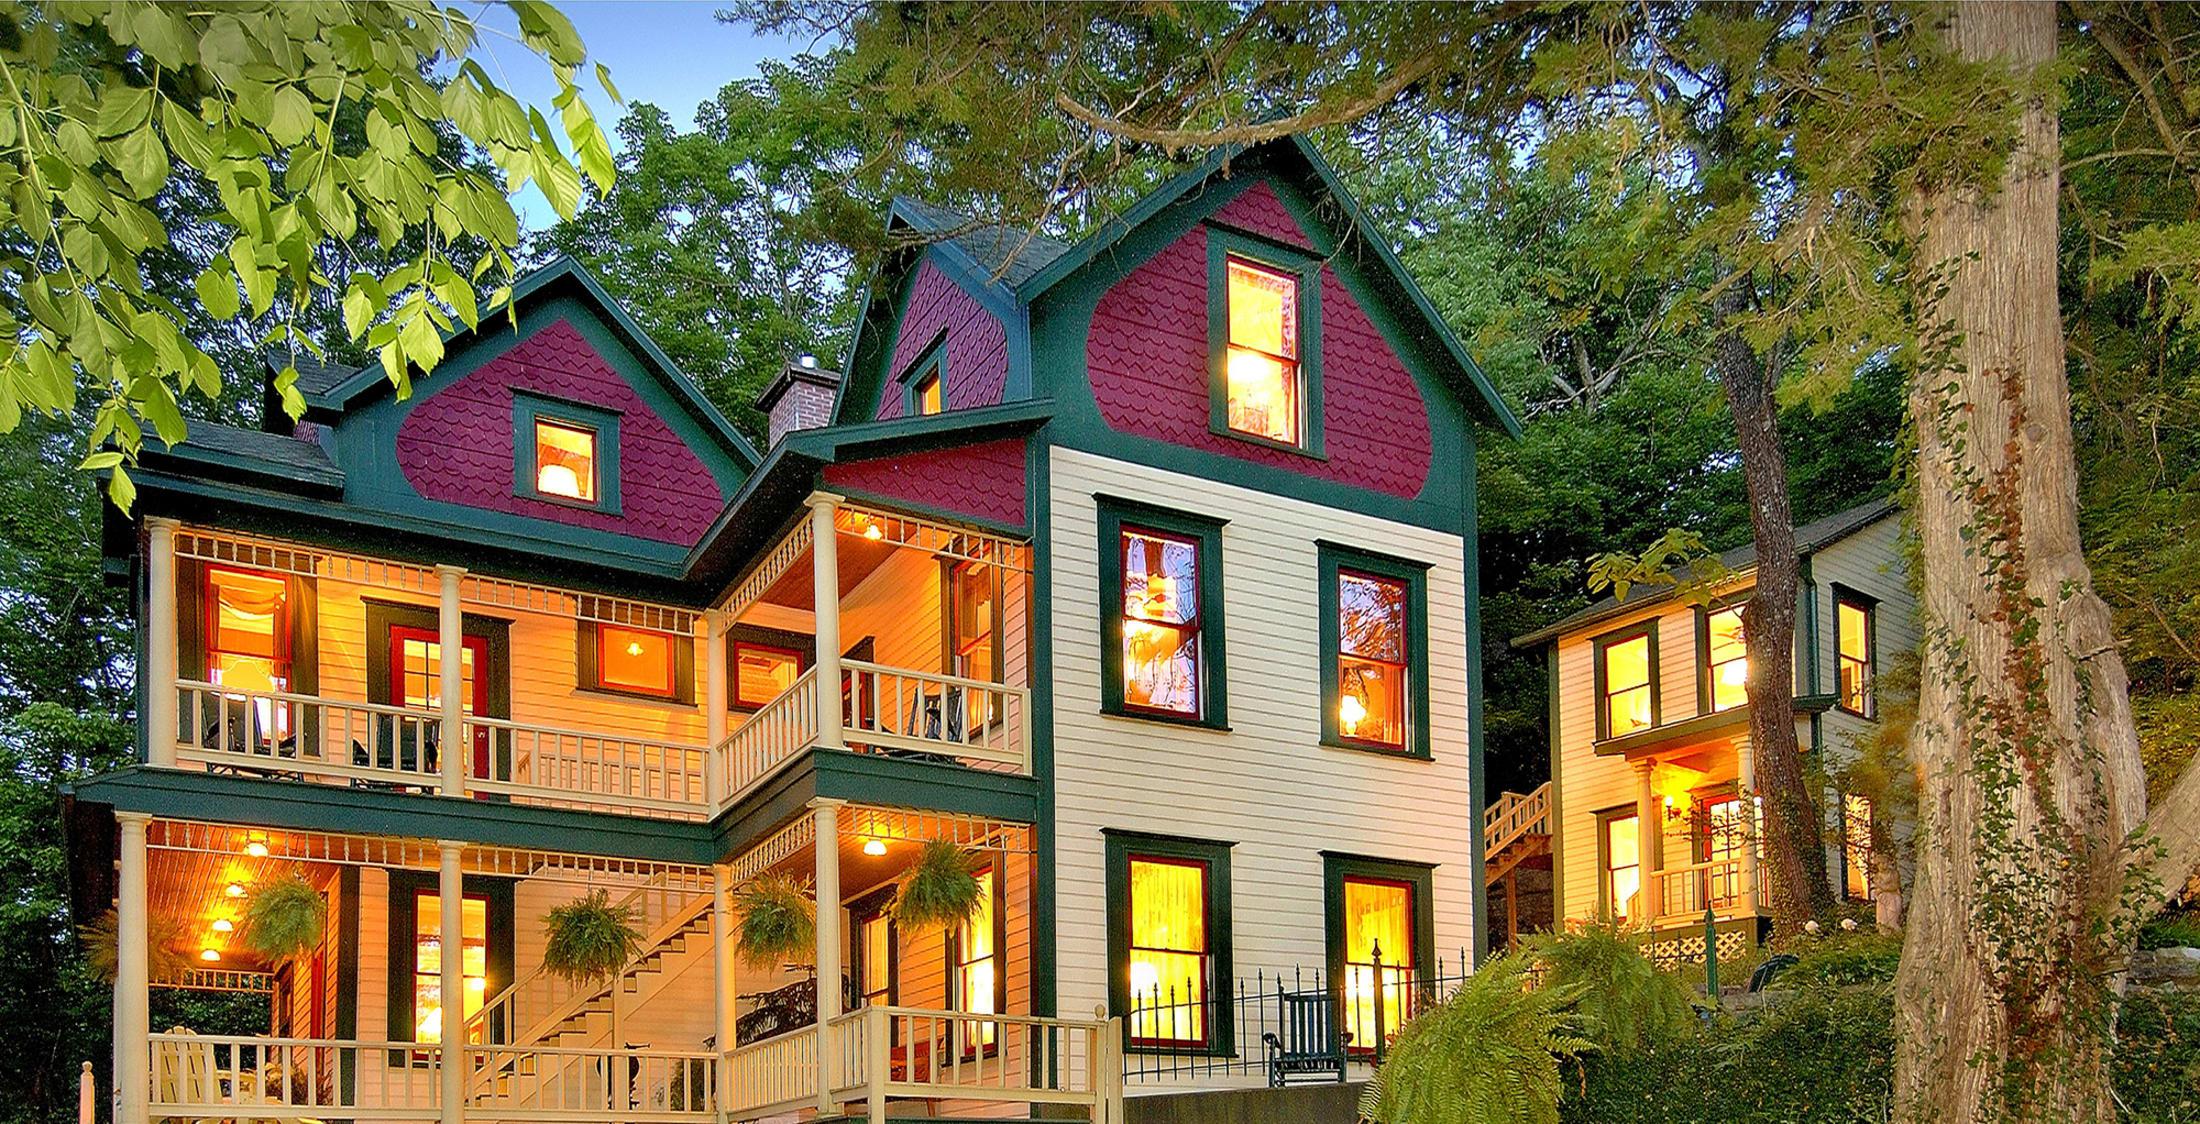 springs eureka spielman art cottage dennis cottages colony the